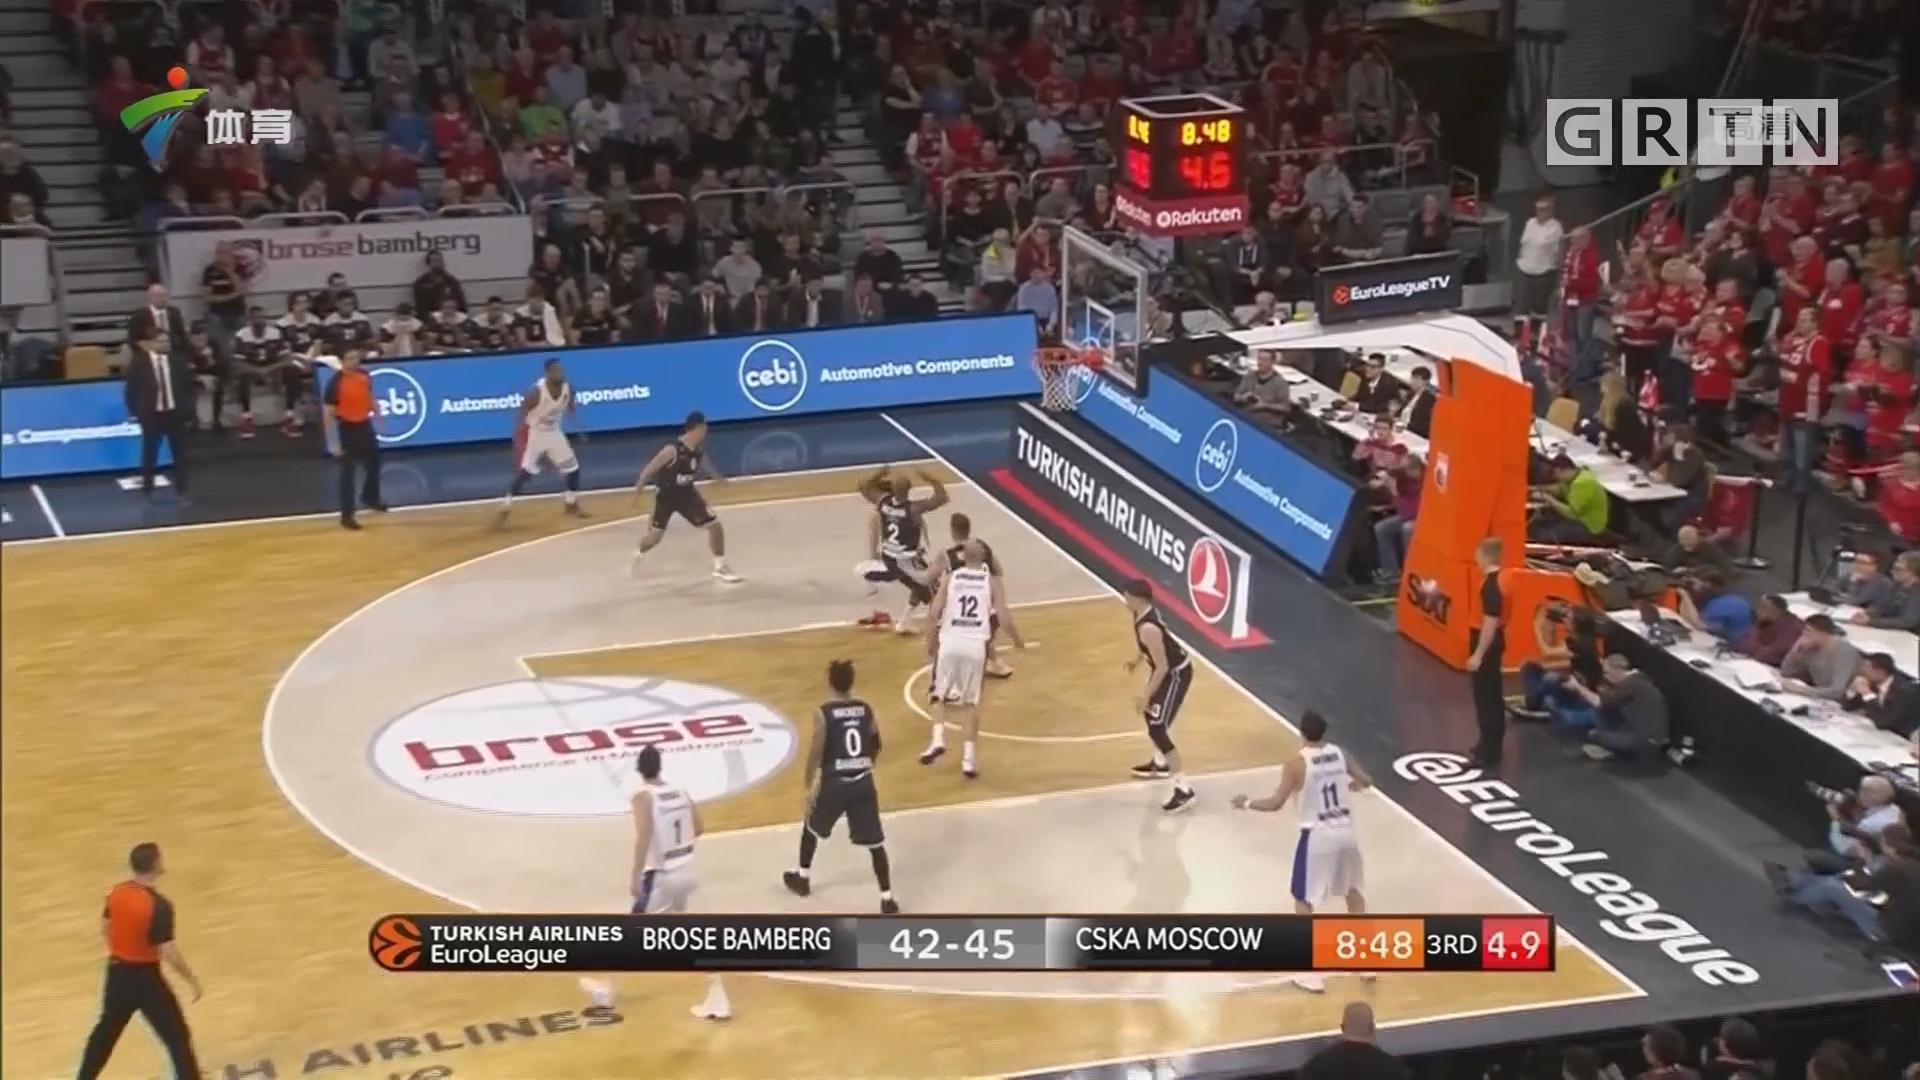 欧冠篮球联赛 莫斯科中央陆军击败保罗沙